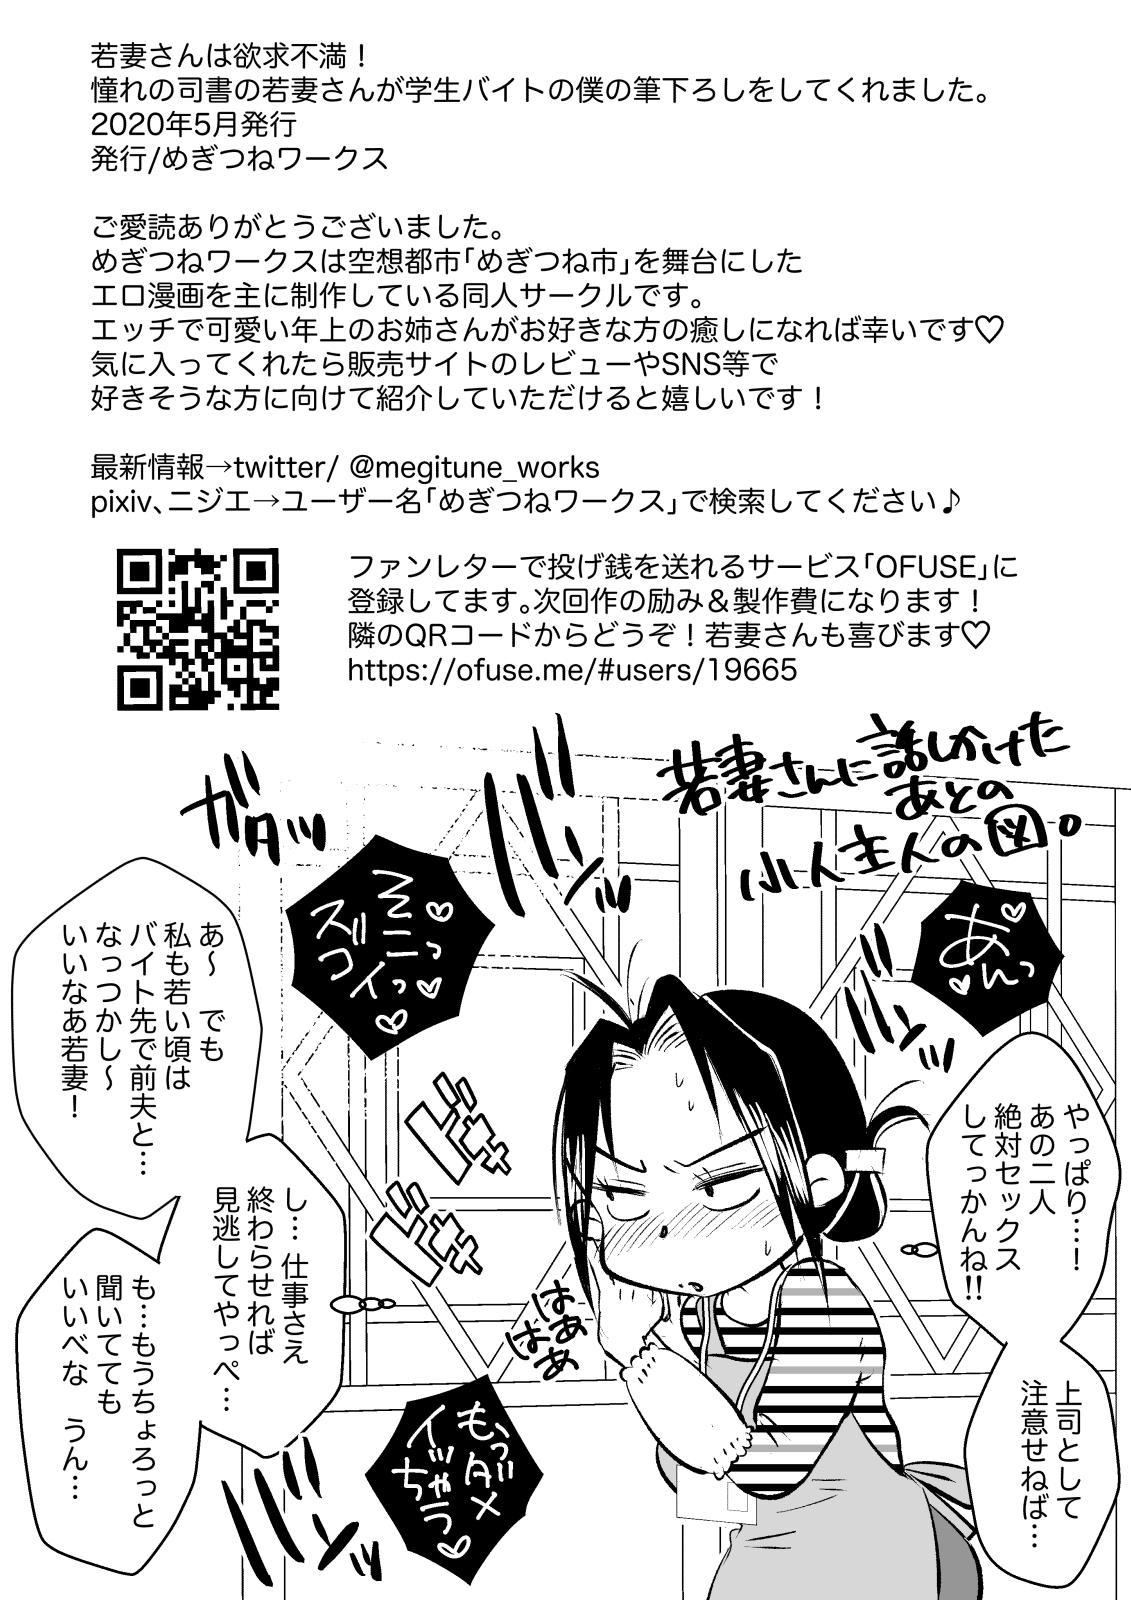 [Megitsune Works] Wakazuma-san wa Yokkyuu Fuman! Akogare no Shisho no Wakazuma-san ga Gakusei Beit no Boku no Fudeoroshi o Shite kuremashita. 64